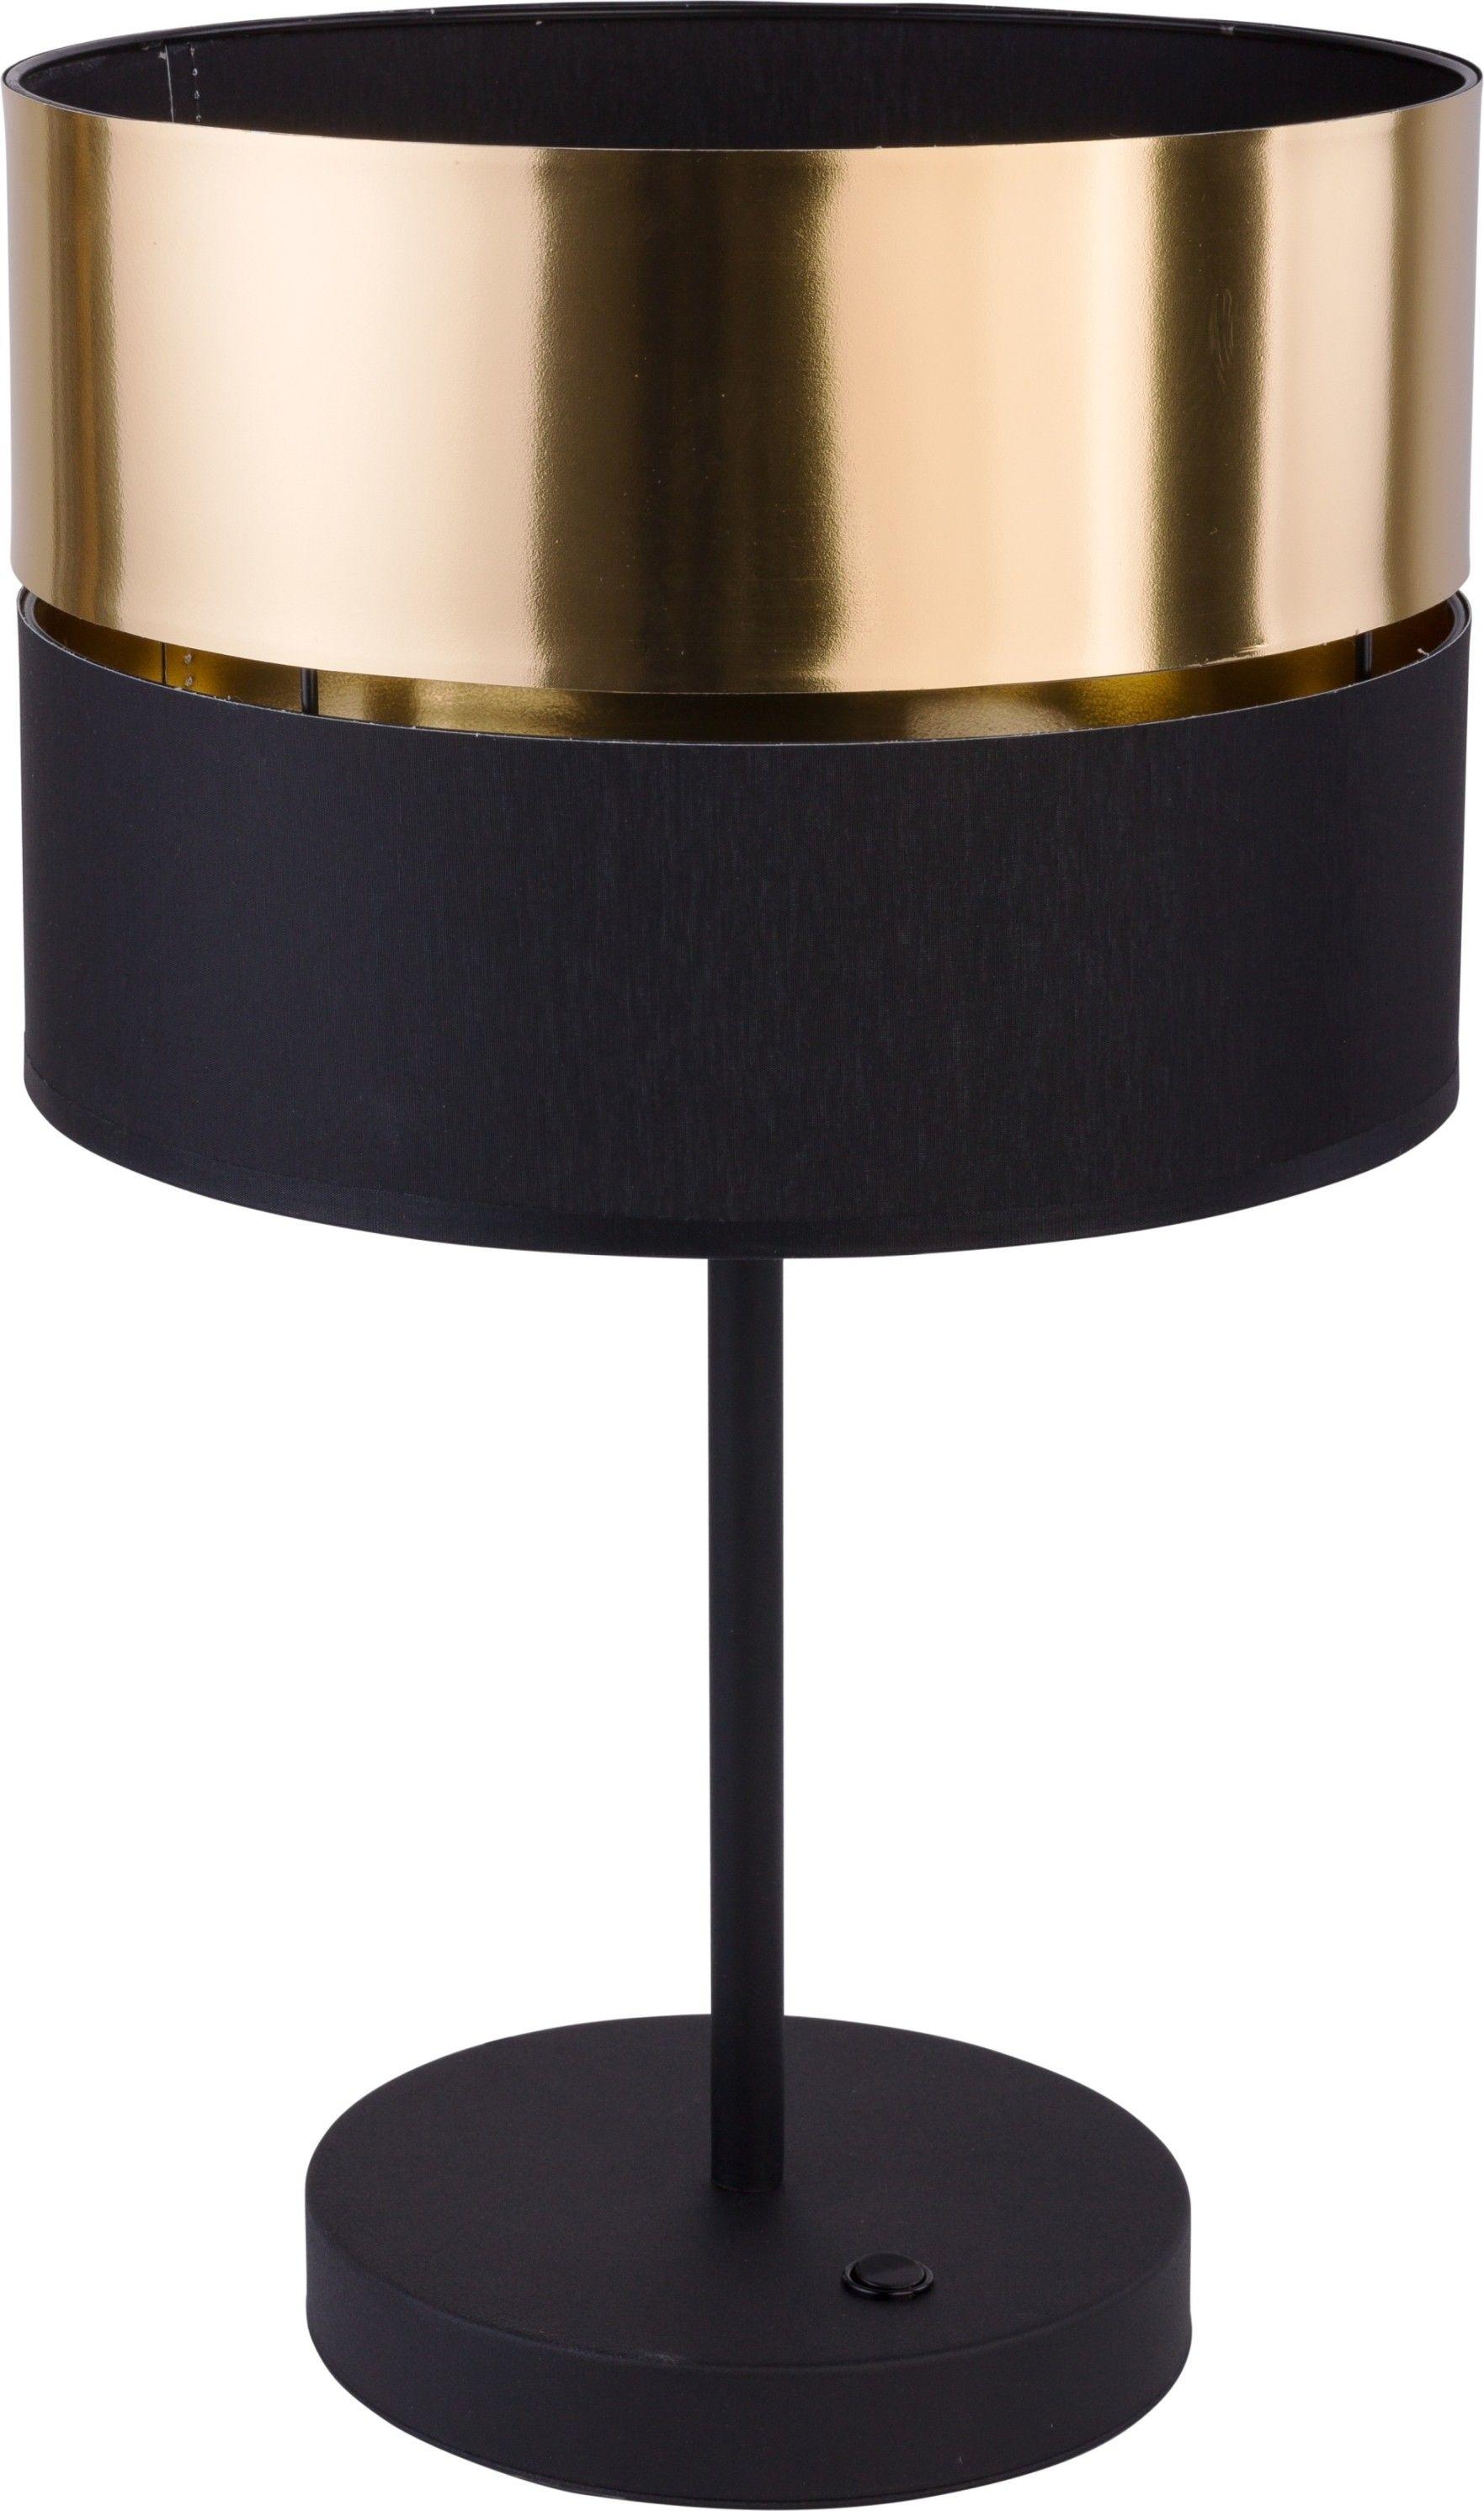 Lampka 1 punktowa Hilton czarno złota 5467 - TK Lighting Do -17% rabatu w koszyku i darmowa dostawa od 299zł !